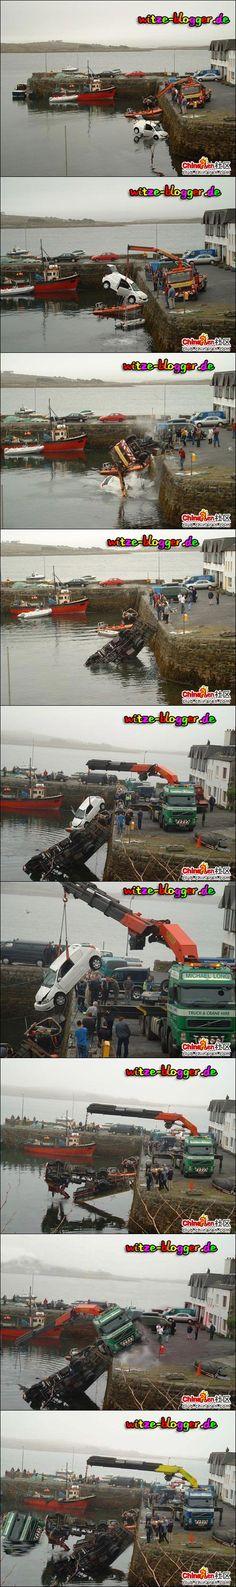 crazy crane accidents...